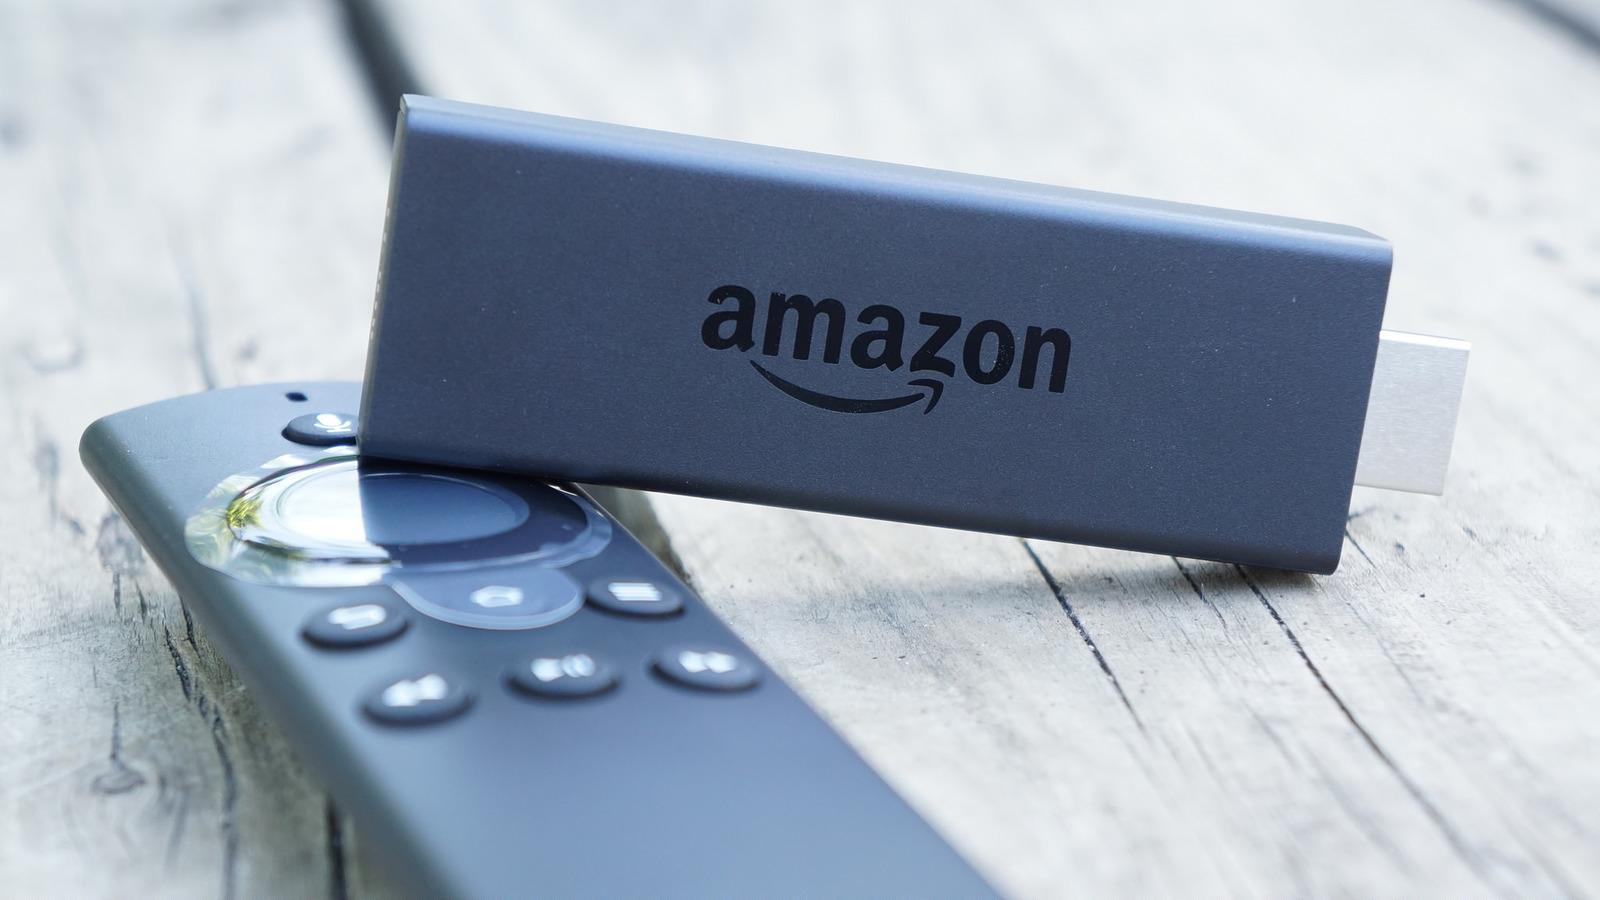 2,000円オフ、「Fire TV」シリーズがタイムセール。AmazonビデオやDAZNが大画面で楽しめる